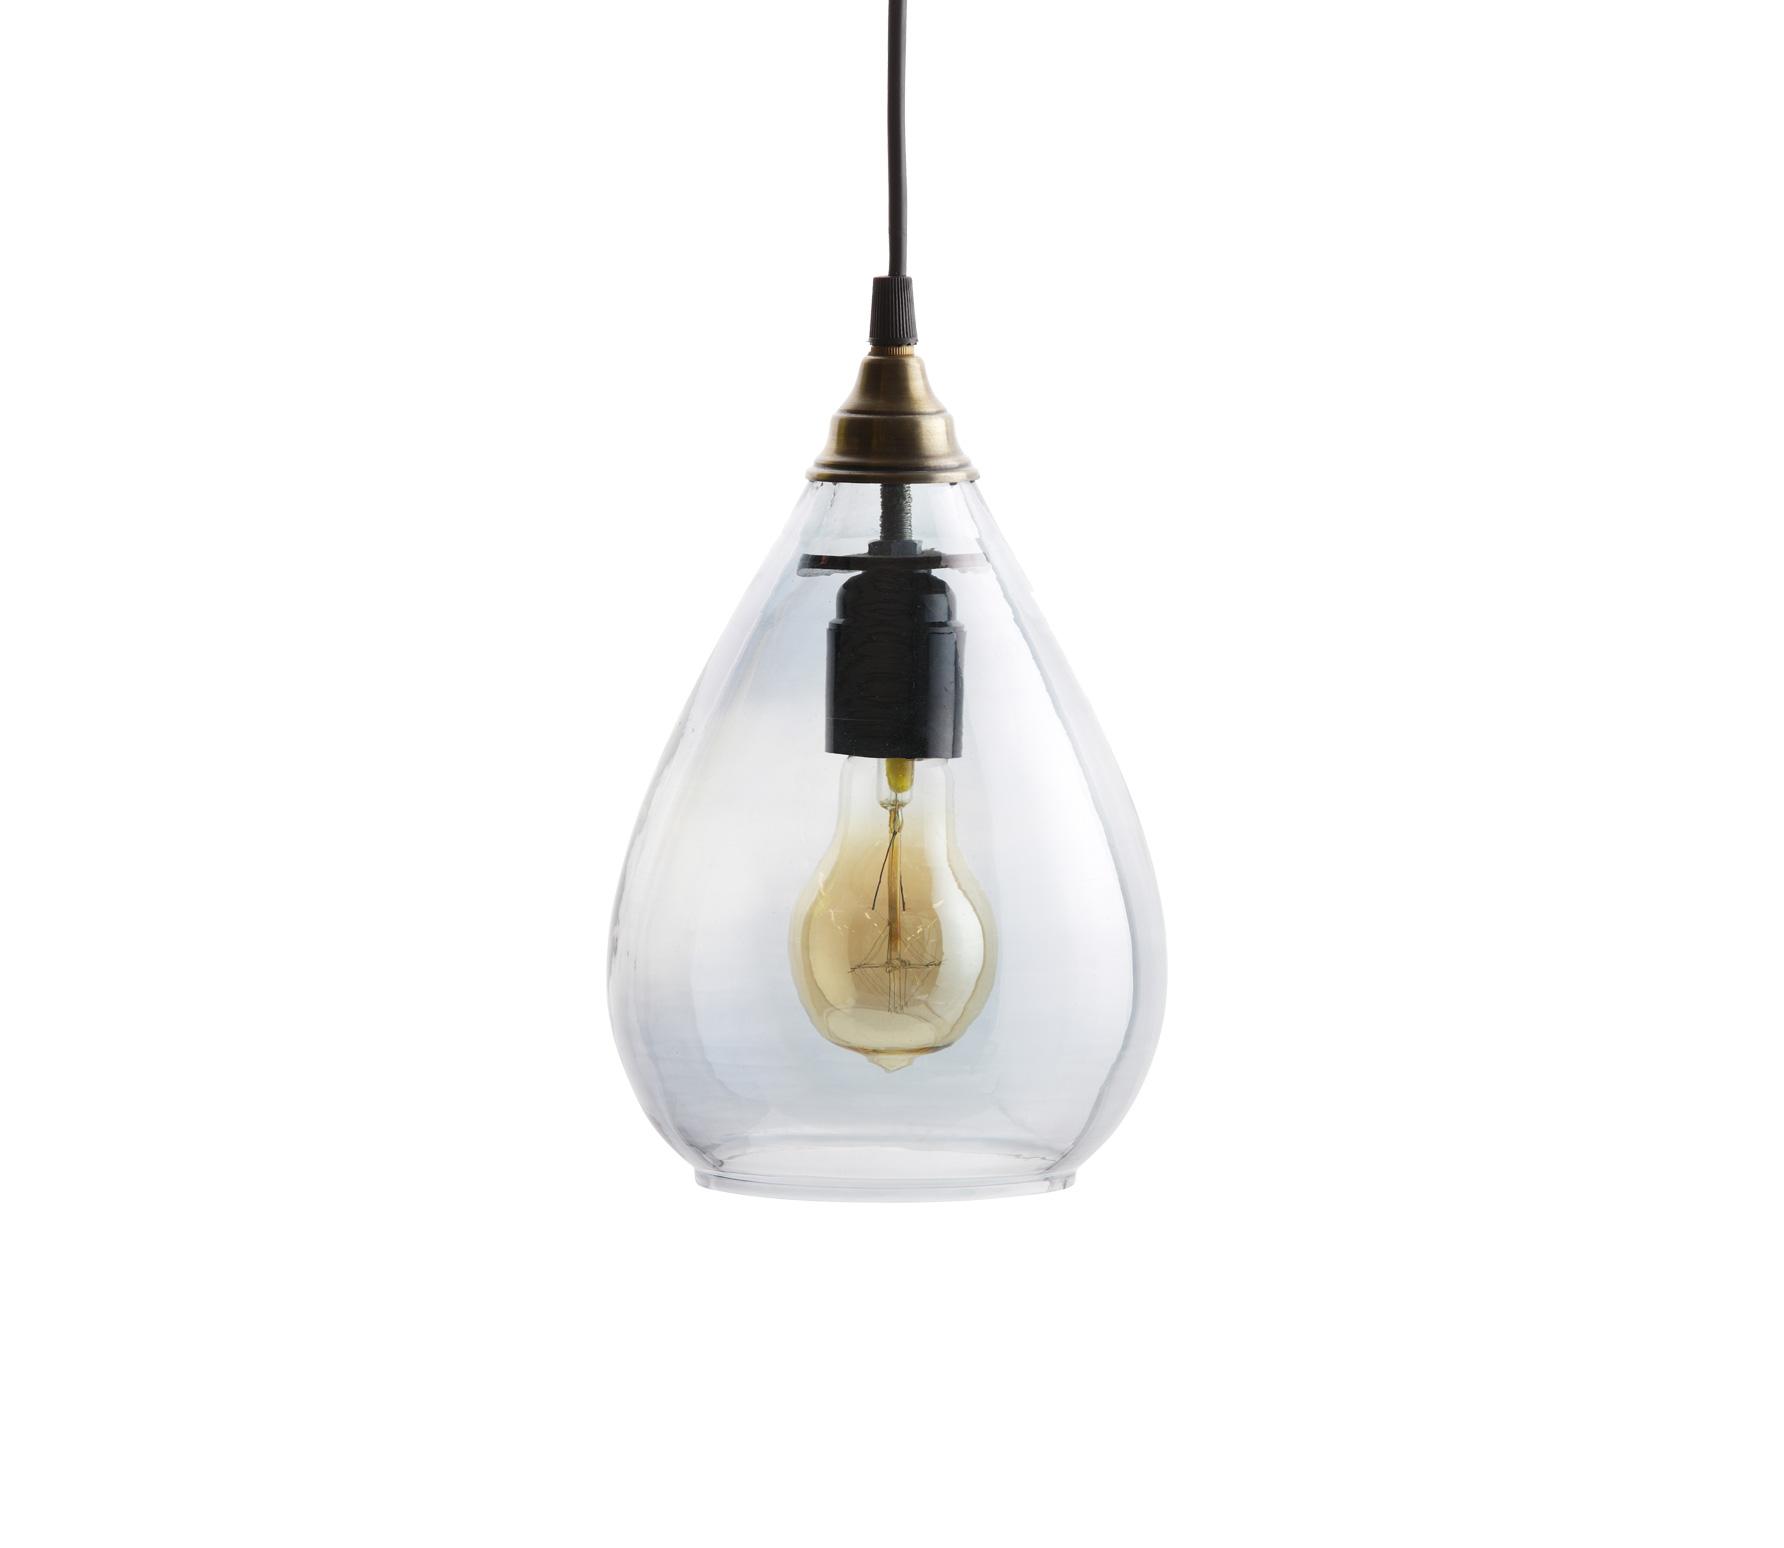 BePureHome Spotlight hanglamp Large vintage grijs metaal